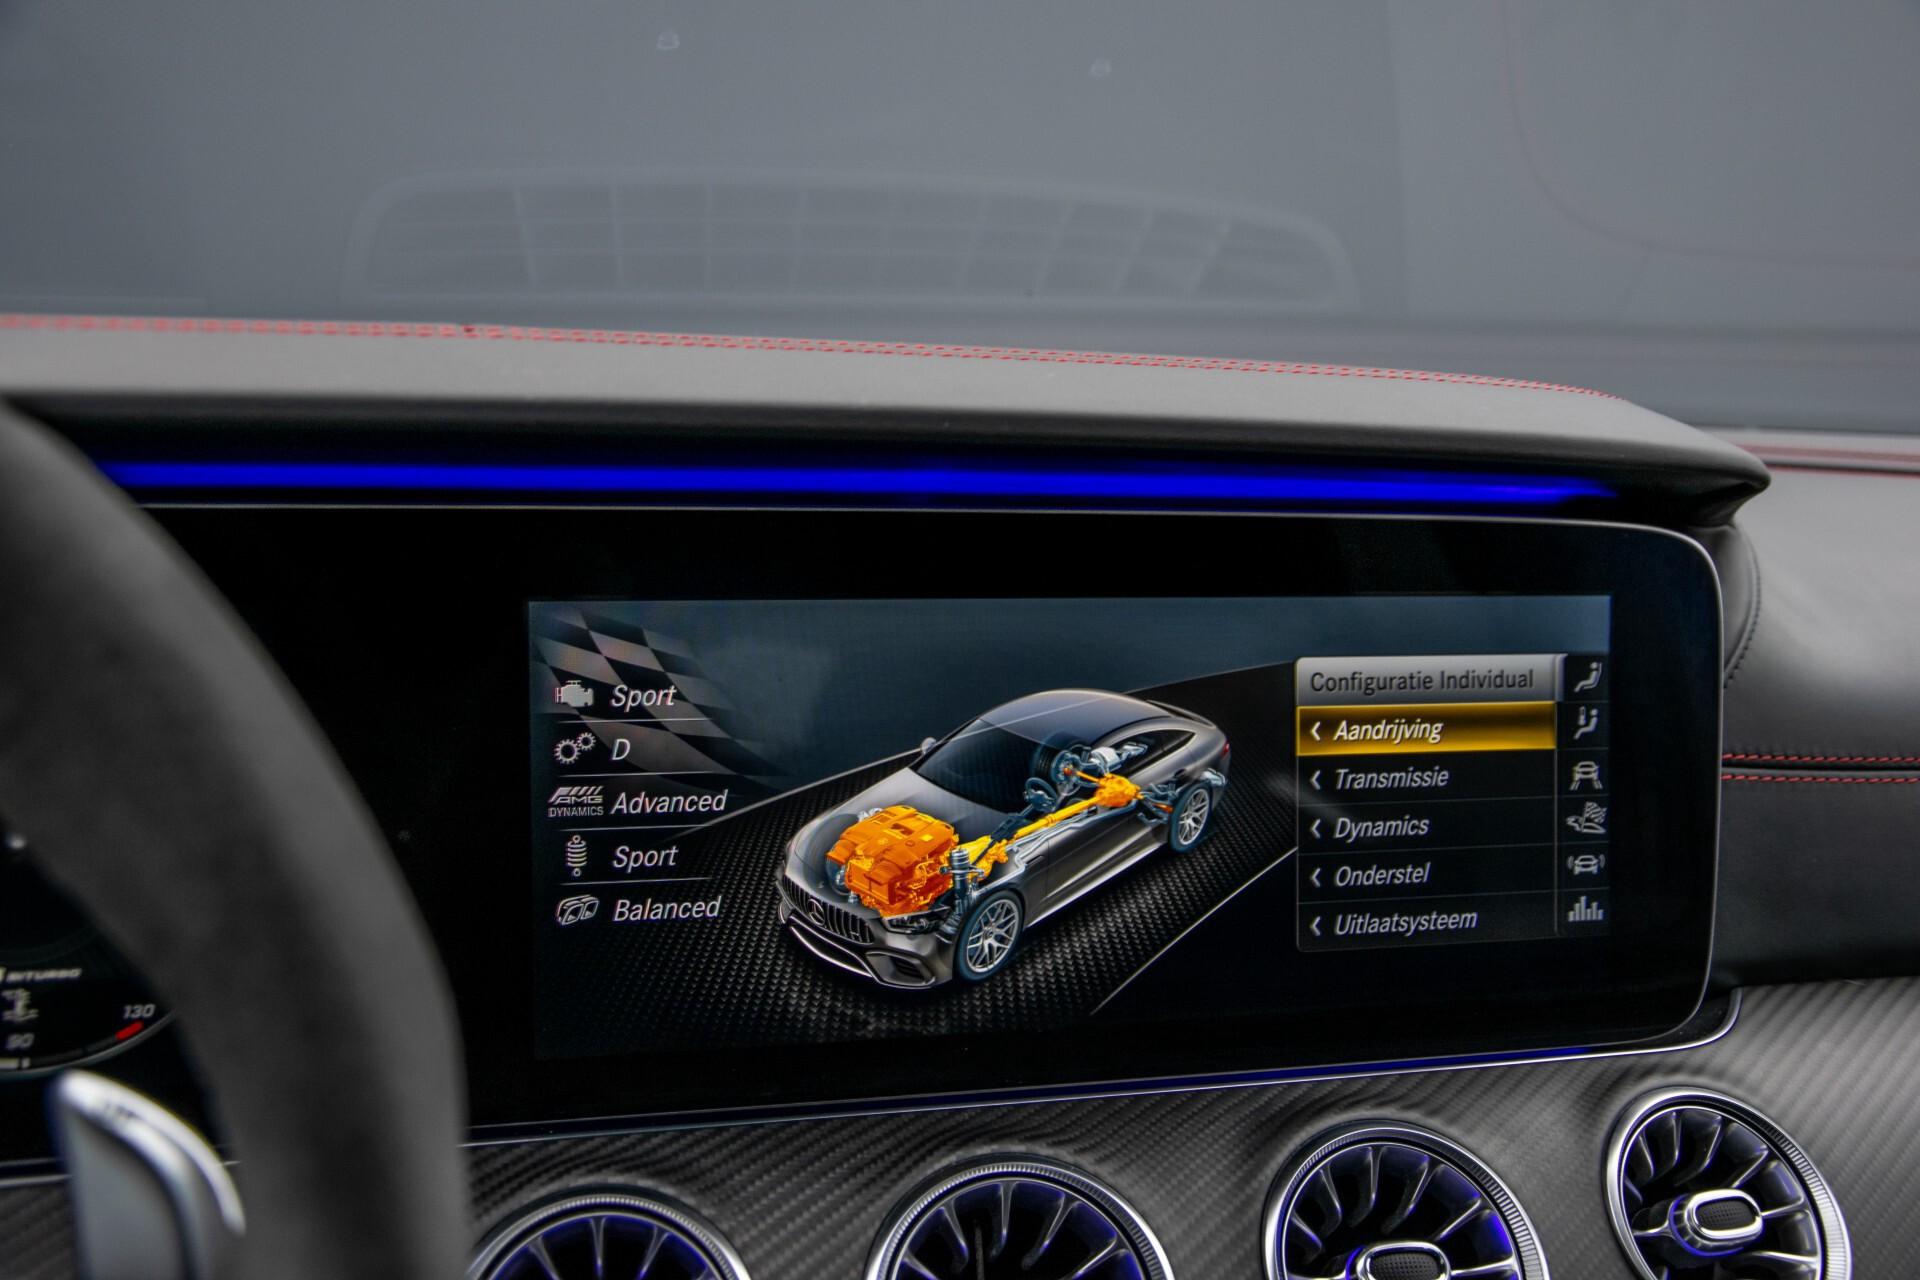 Mercedes-Benz AMG GT 4-Door Coupe 63 S 4M+ Keramisch/Full Carbon/Aerodynamica/Burmester 3D/TV/Performance stoelen/Standkachel Aut9 Foto 29